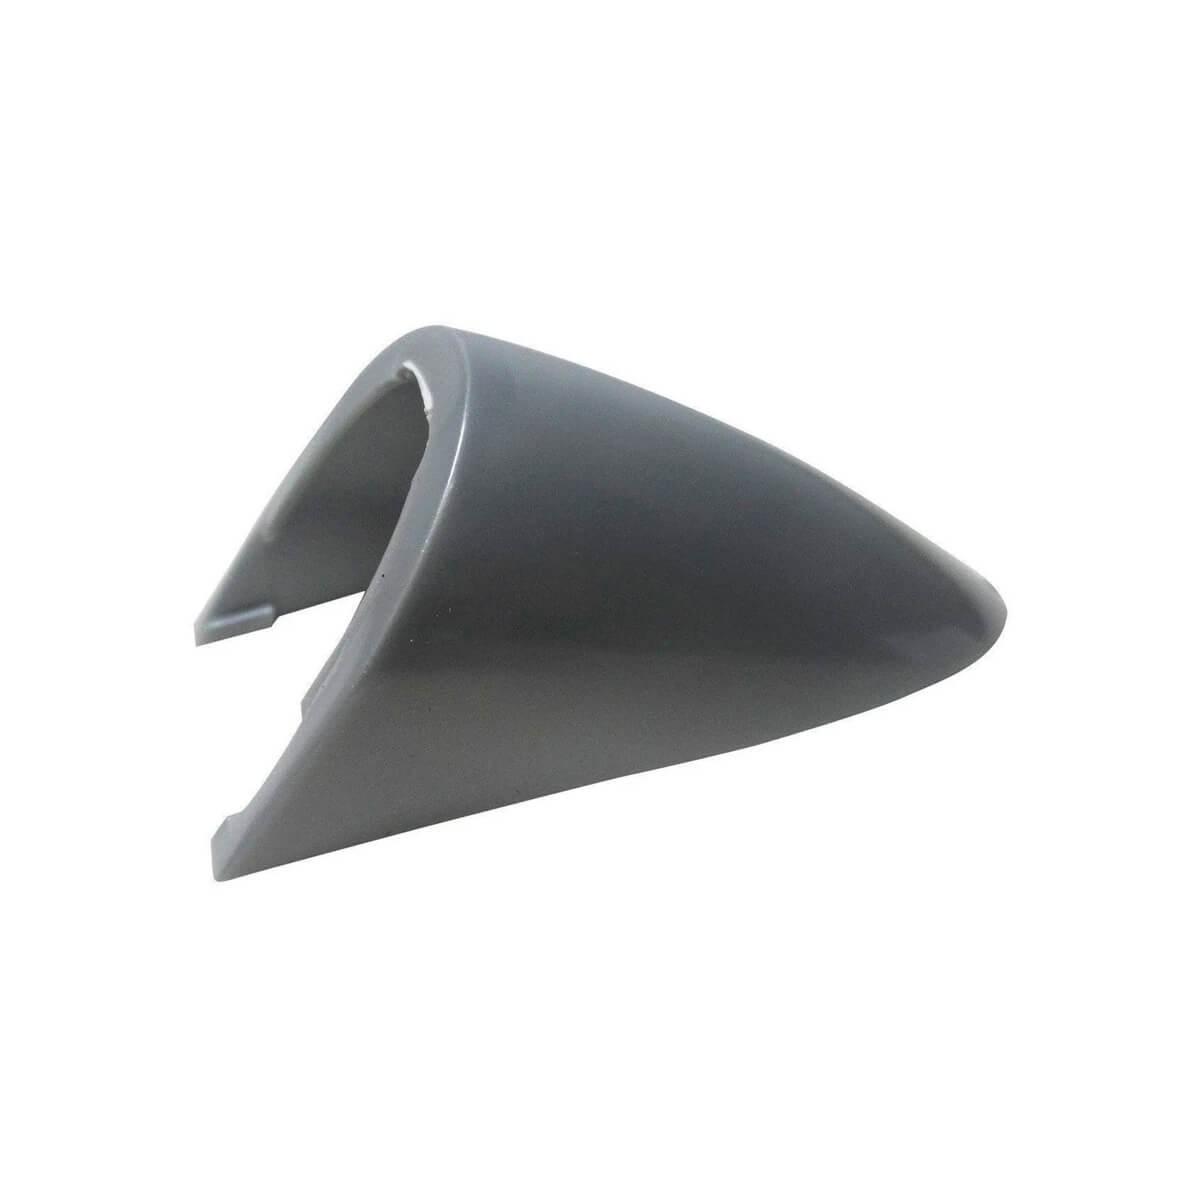 Kit com Puxador Da Porta Para Geladeira Electrolux/67491368 + Capa Do Puxador Para Refrigerador Electrolux/67492286